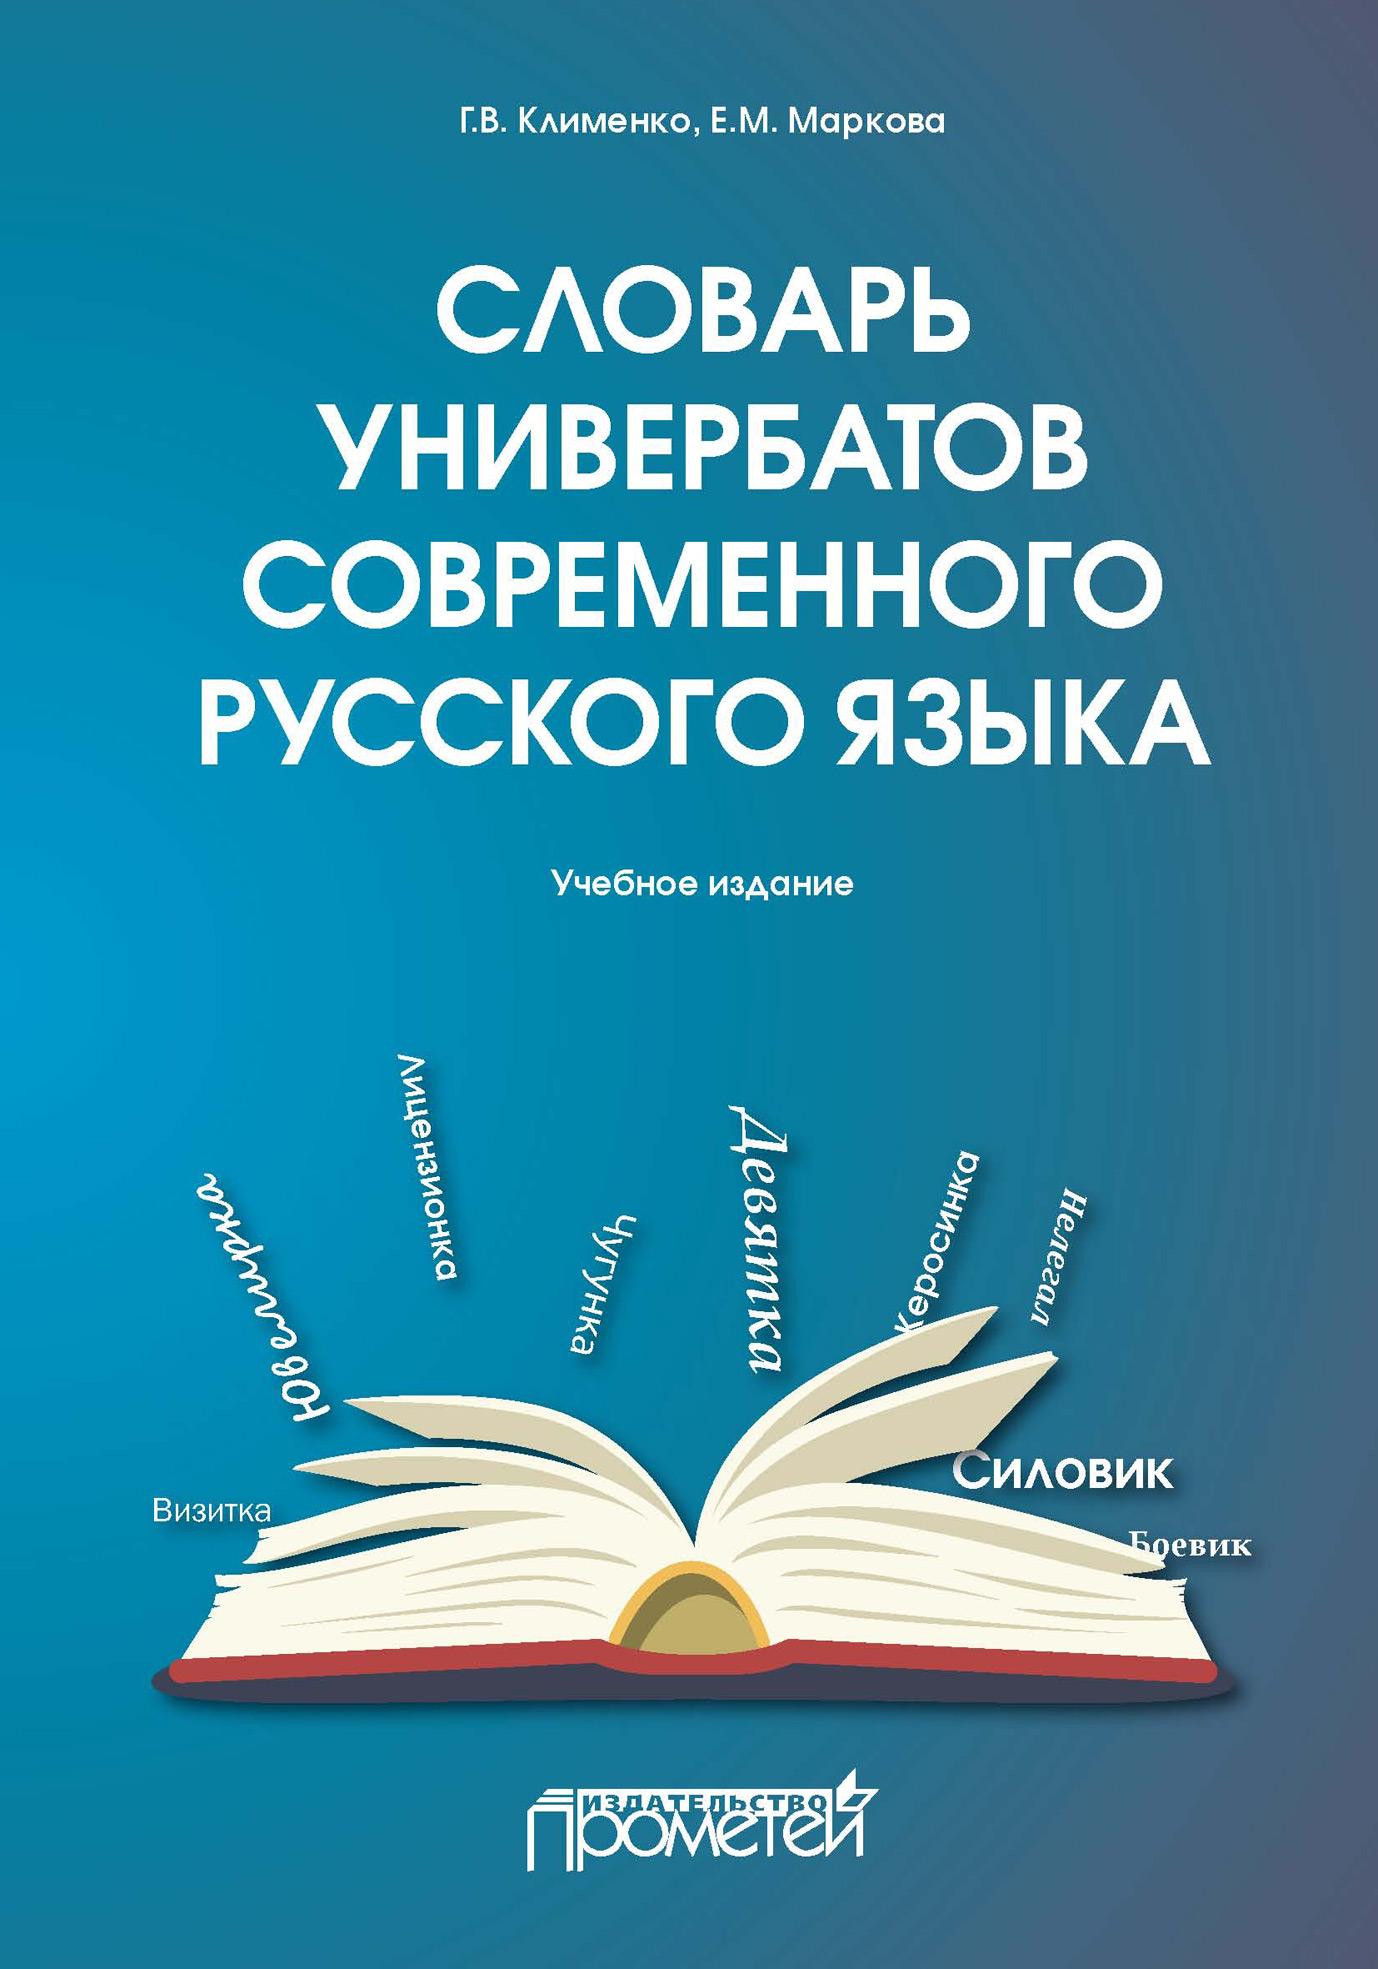 Купить книгу Словарь универбатов современного русского языка, автора Е. М. Марковой